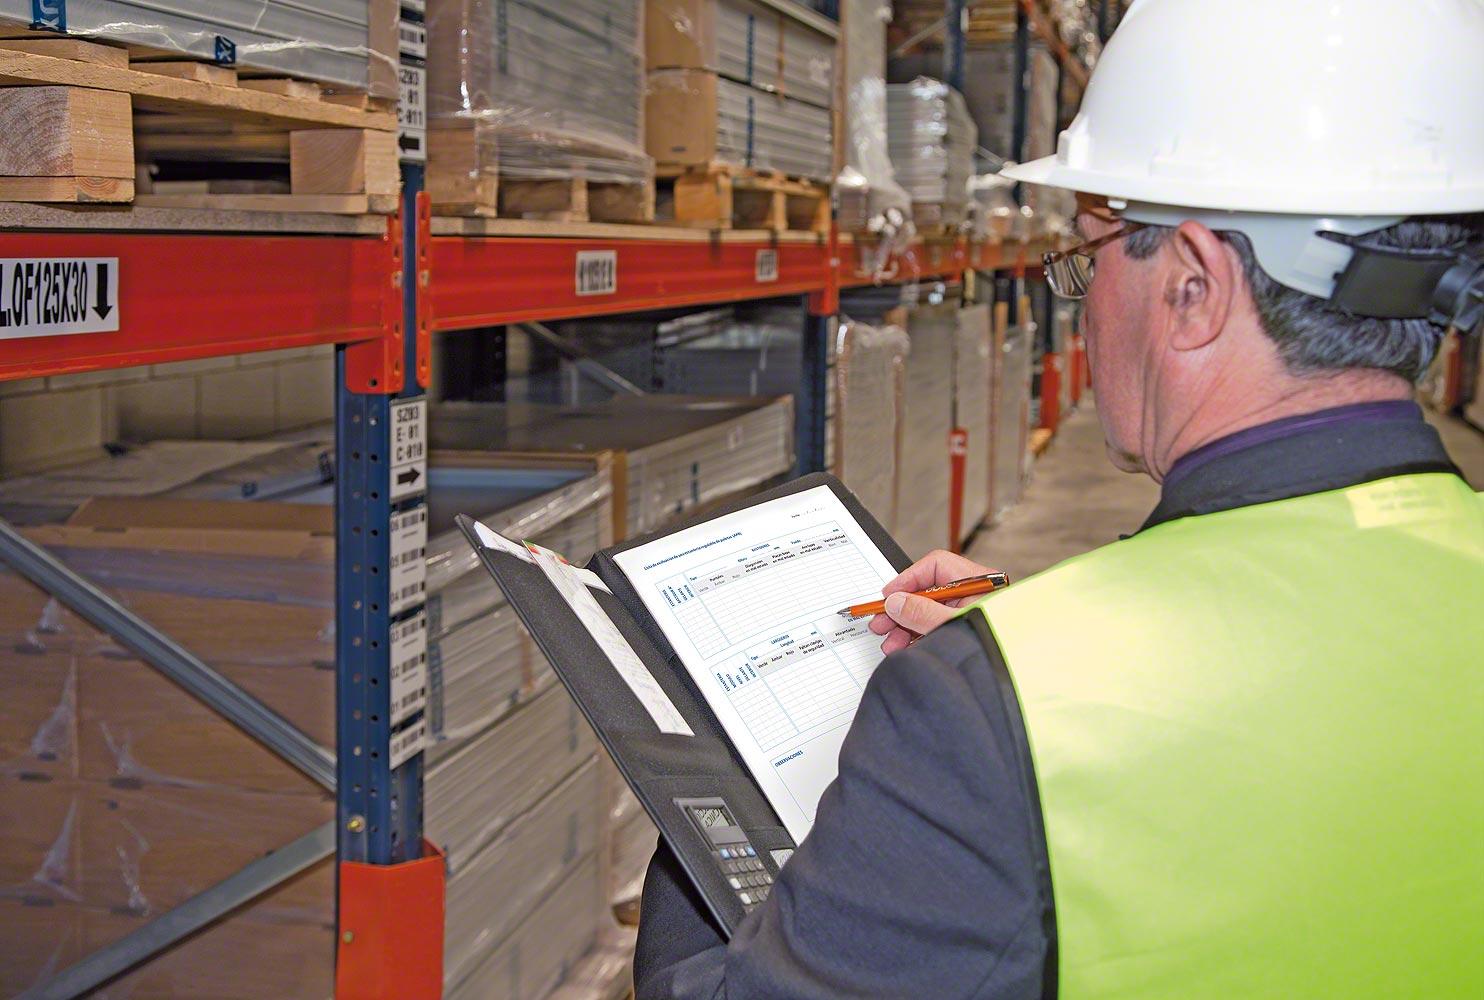 La inspección aflora más de 3.000 empleos en situación fraudulenta en Canarias